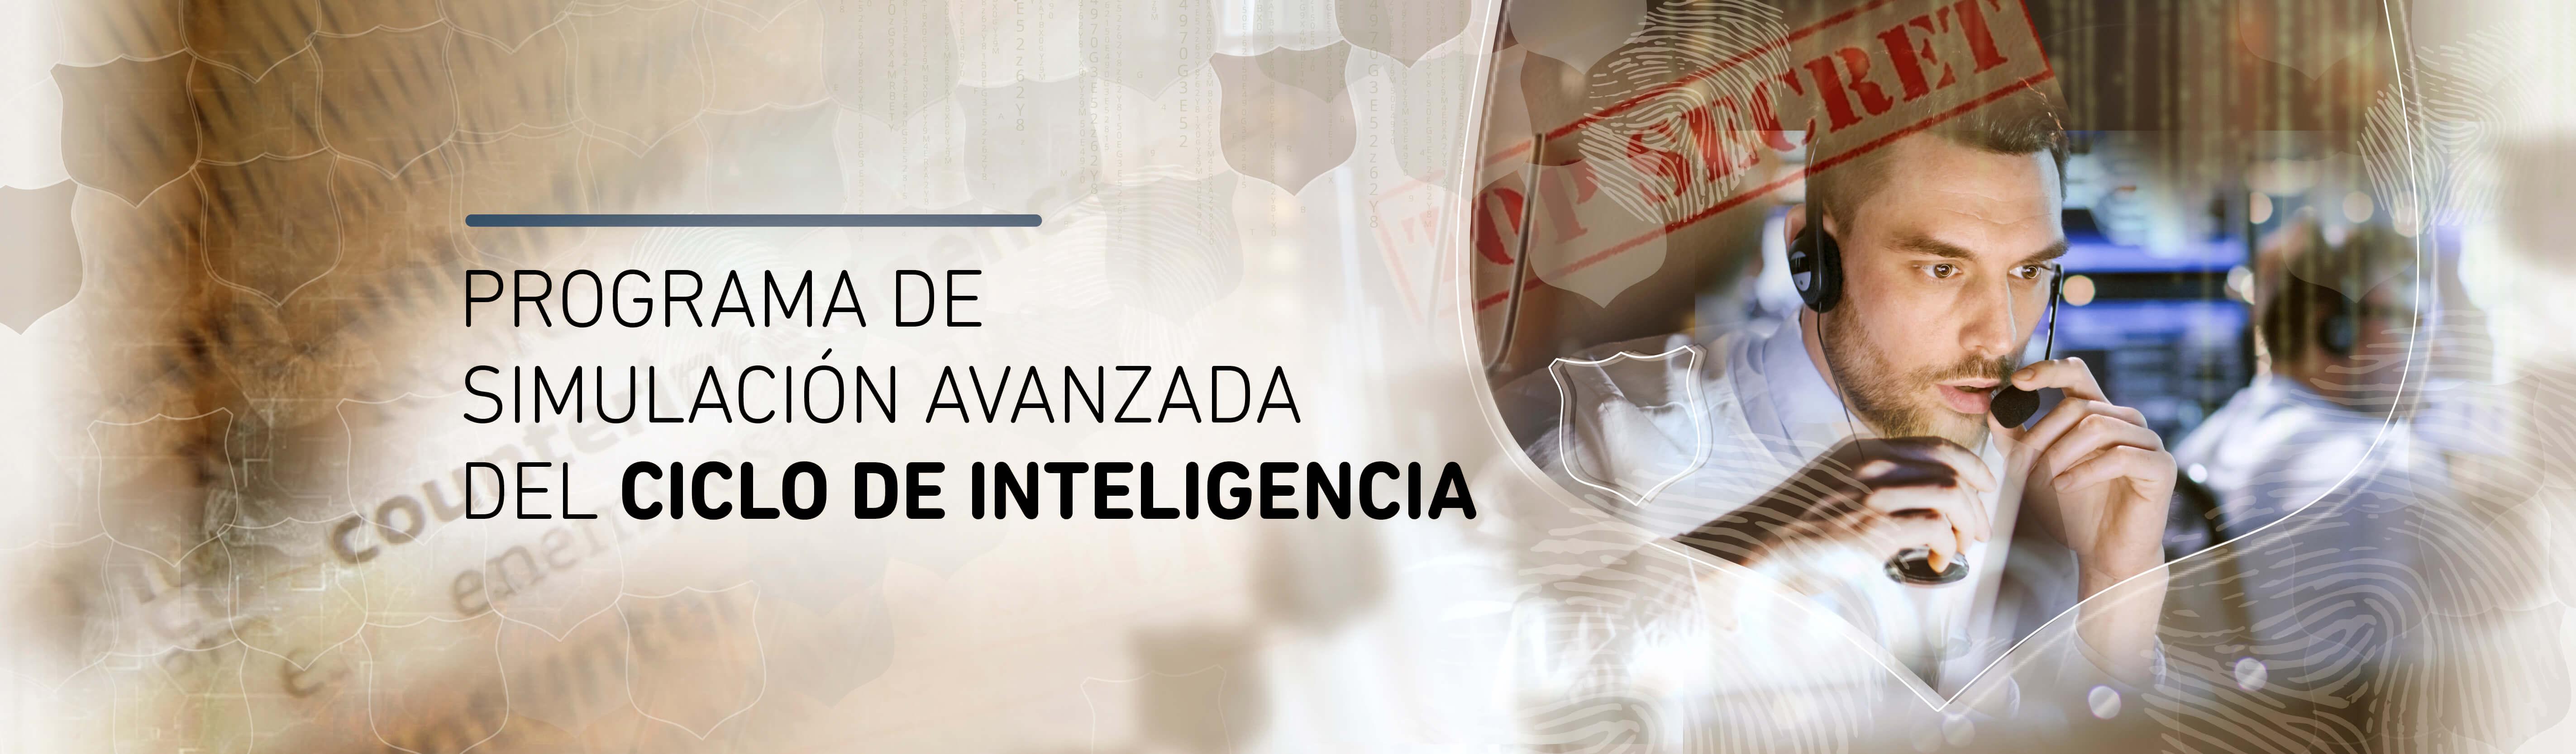 P. Simulación Avanzada Ciclo Inteligencia.-CISDE